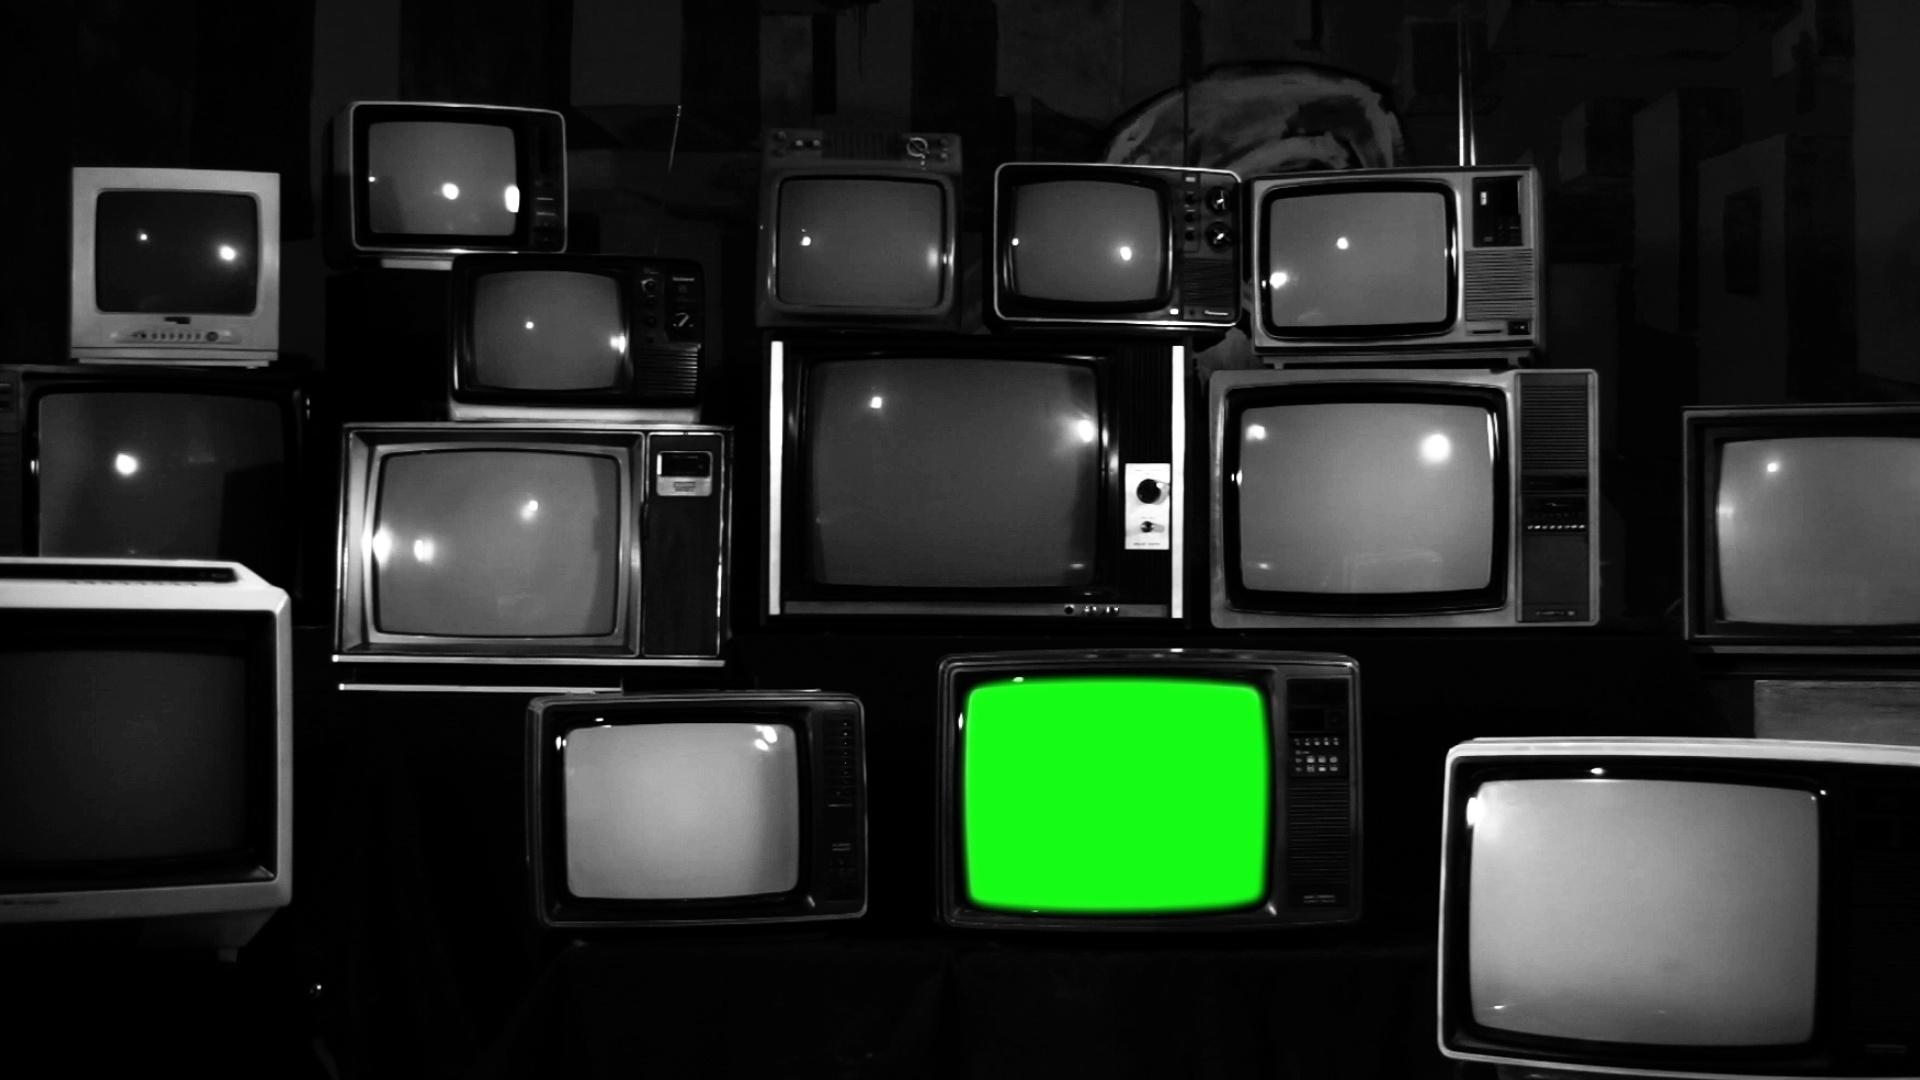 Narrativas transmedia: las nuevas estrategias creativas que revolucionan el consumo